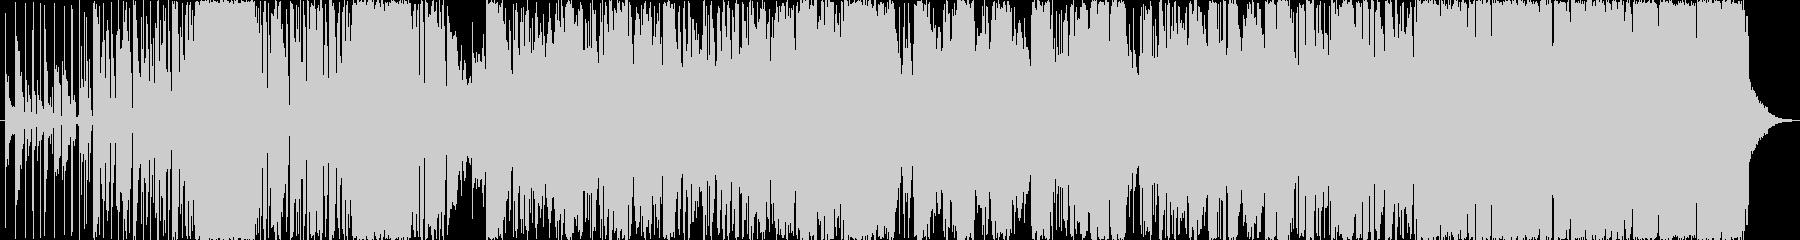 スタイリッシュスパイの未再生の波形